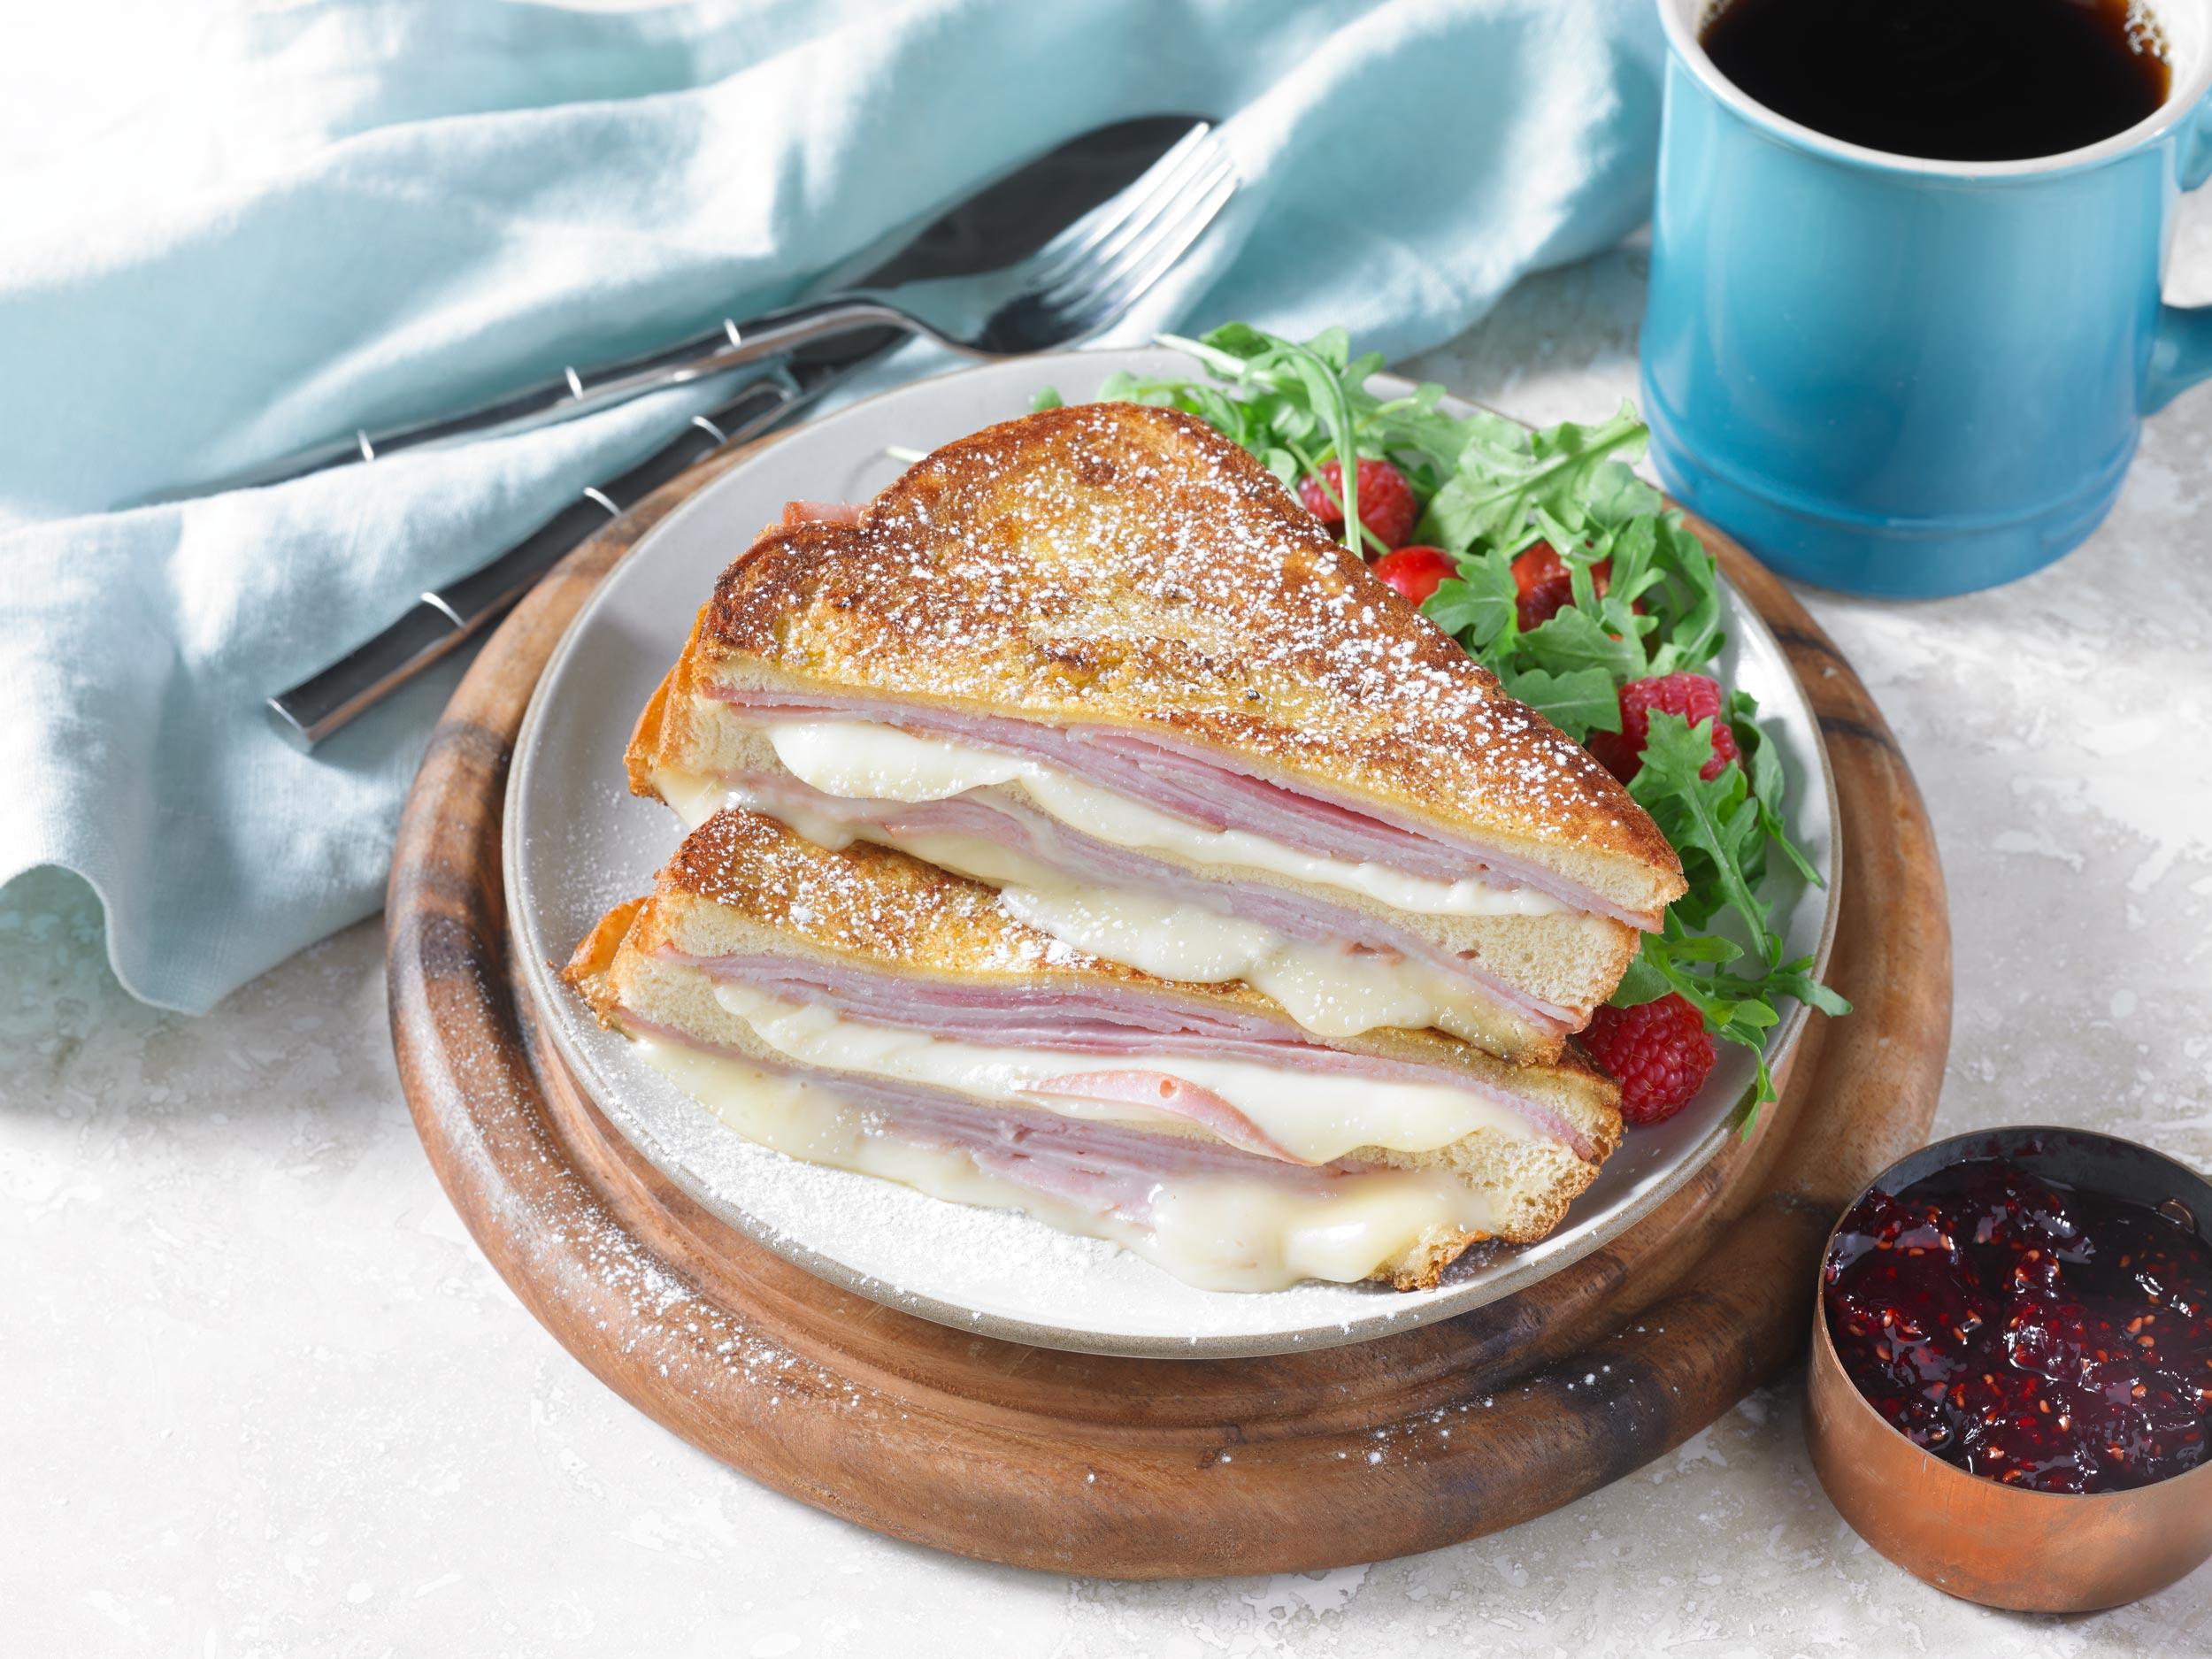 monte-christo-sandwich.jpg